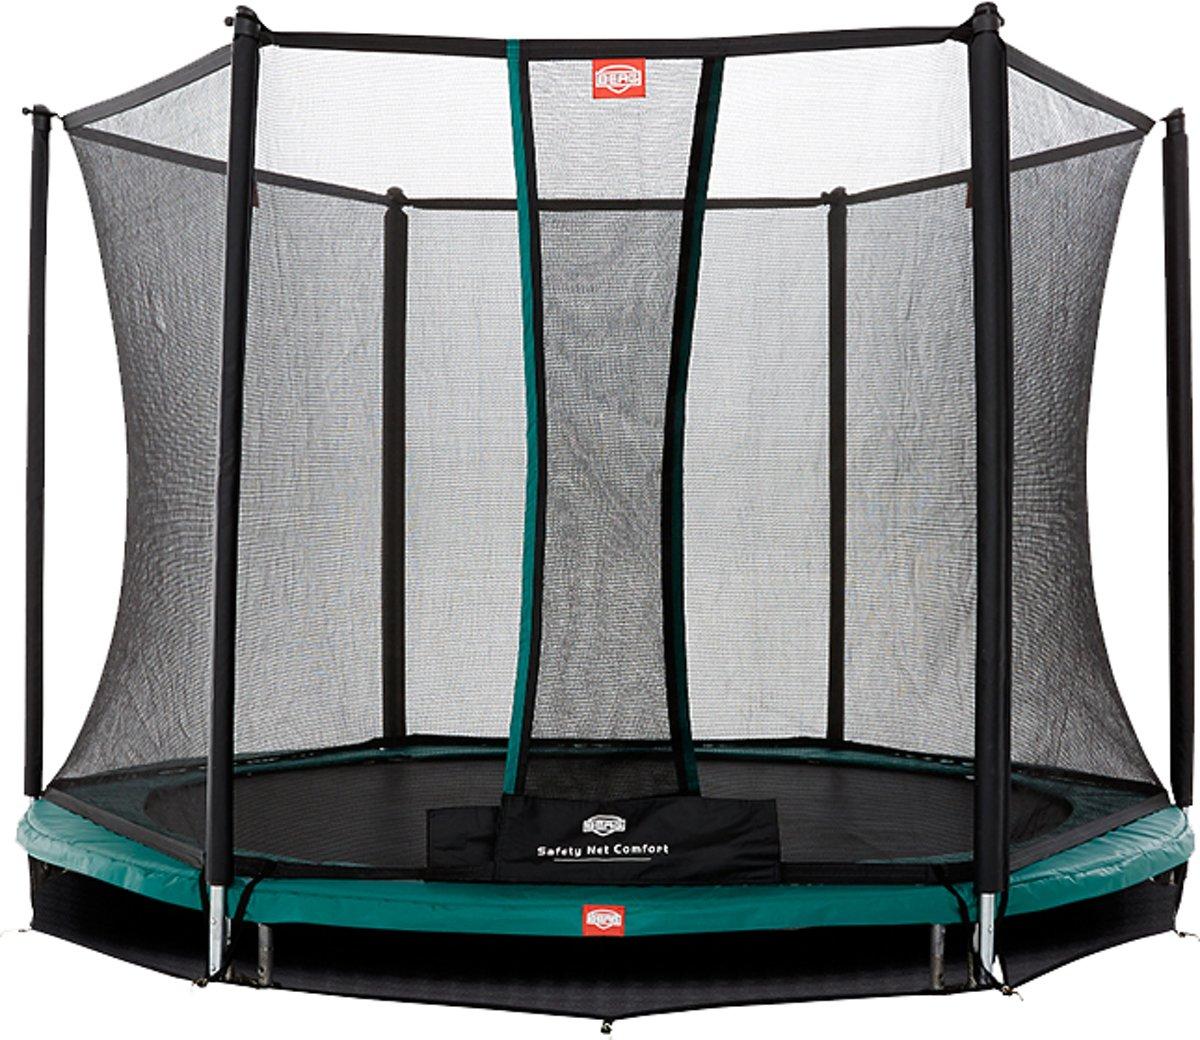 BERG Talent InGround Trampoline - 300 cm - Inclusief Veiligheidsnet Comfort